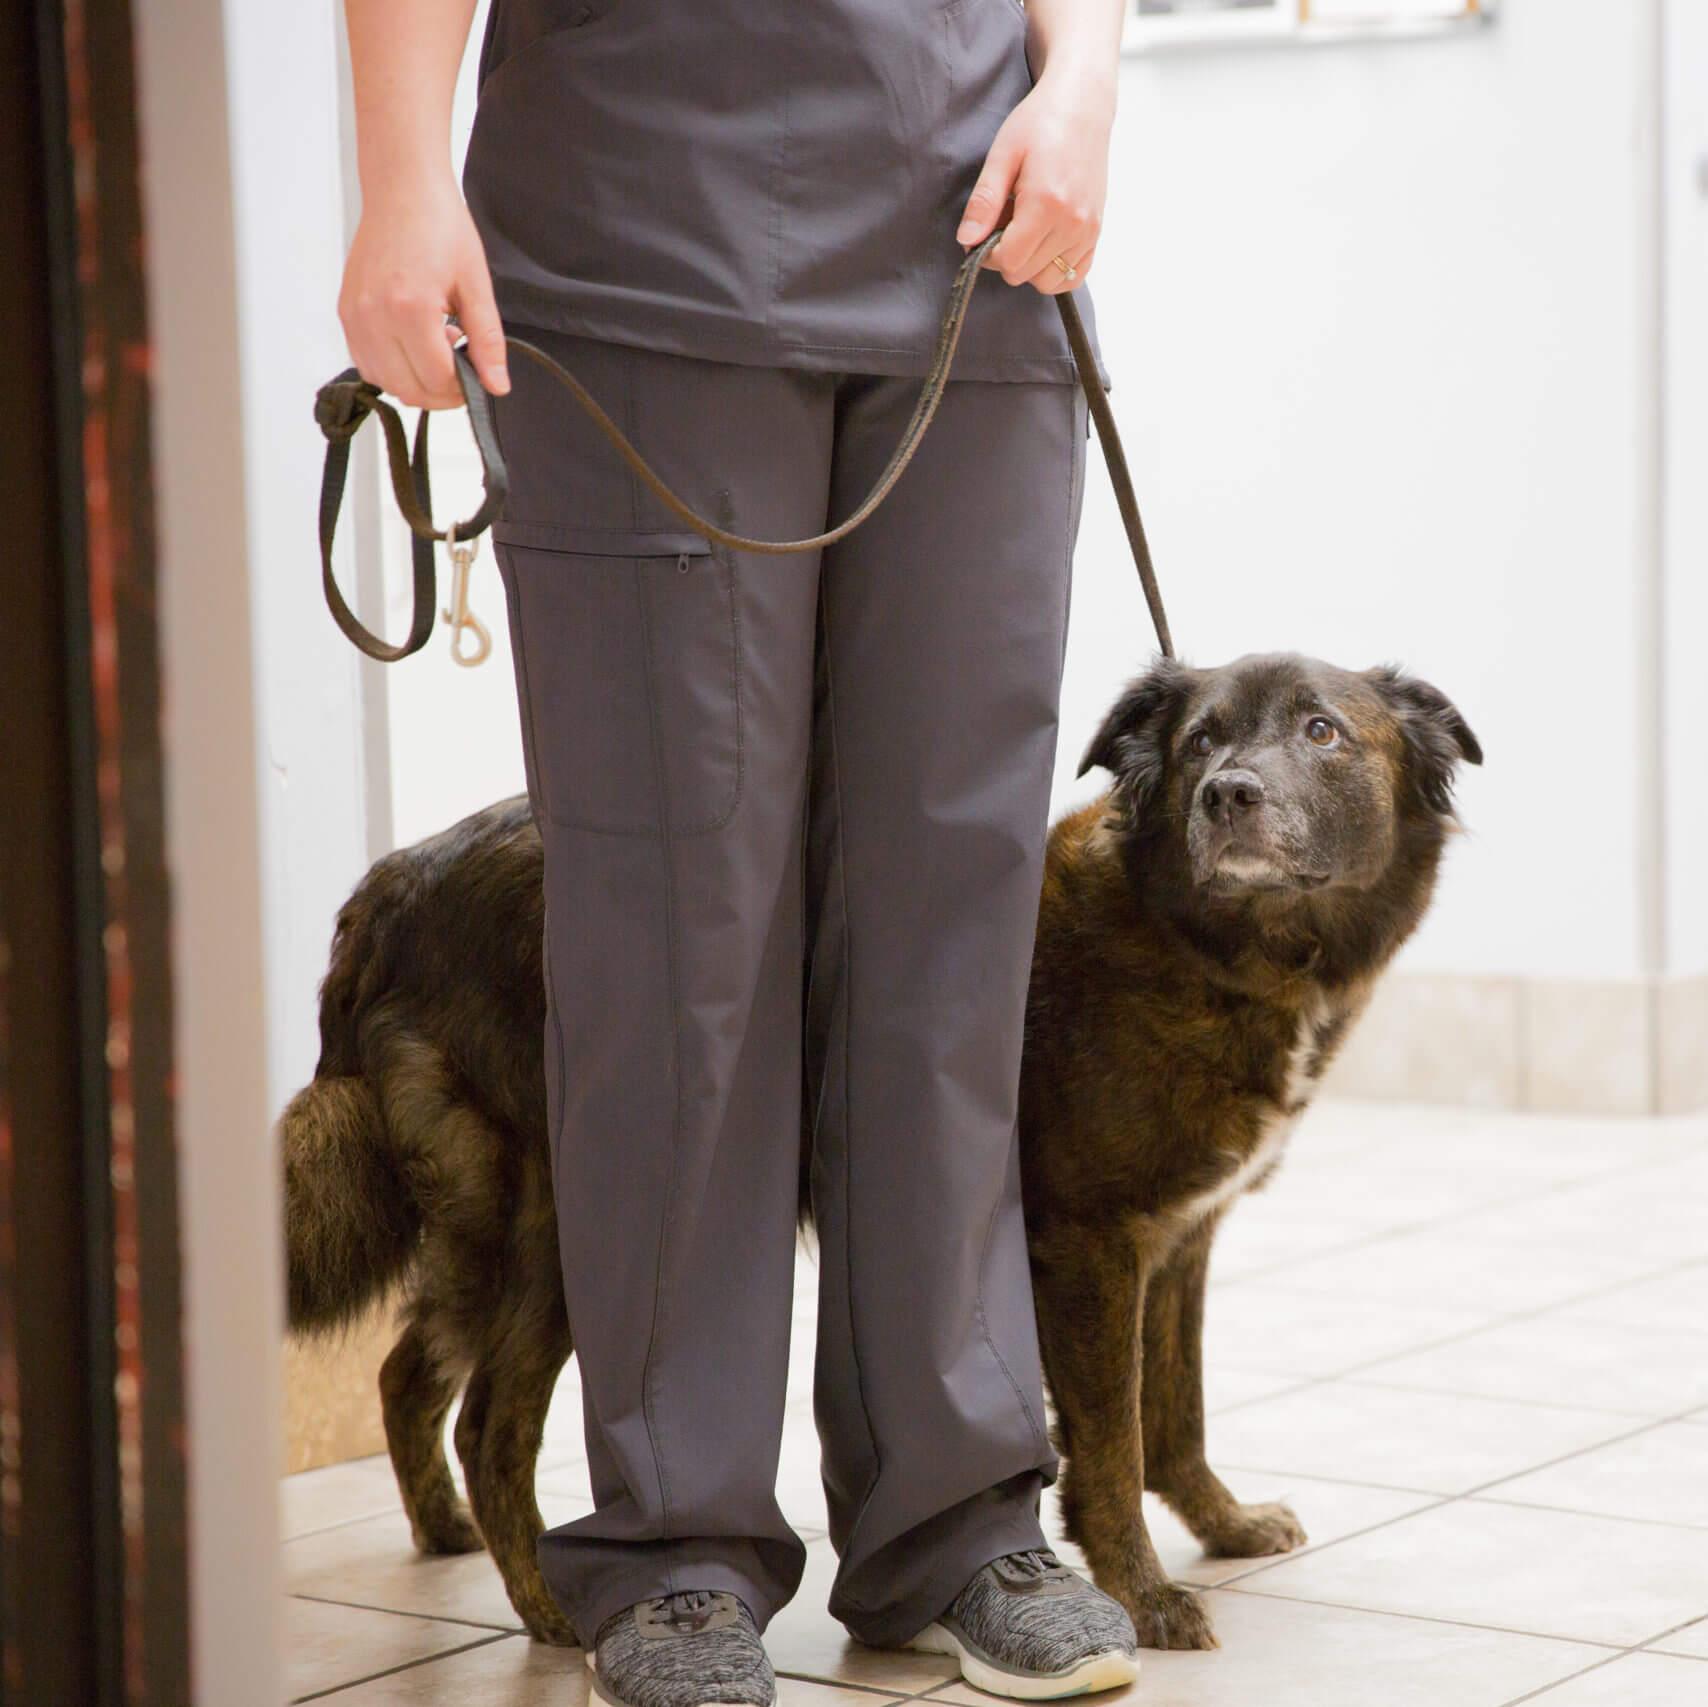 Staff walking dog on leash